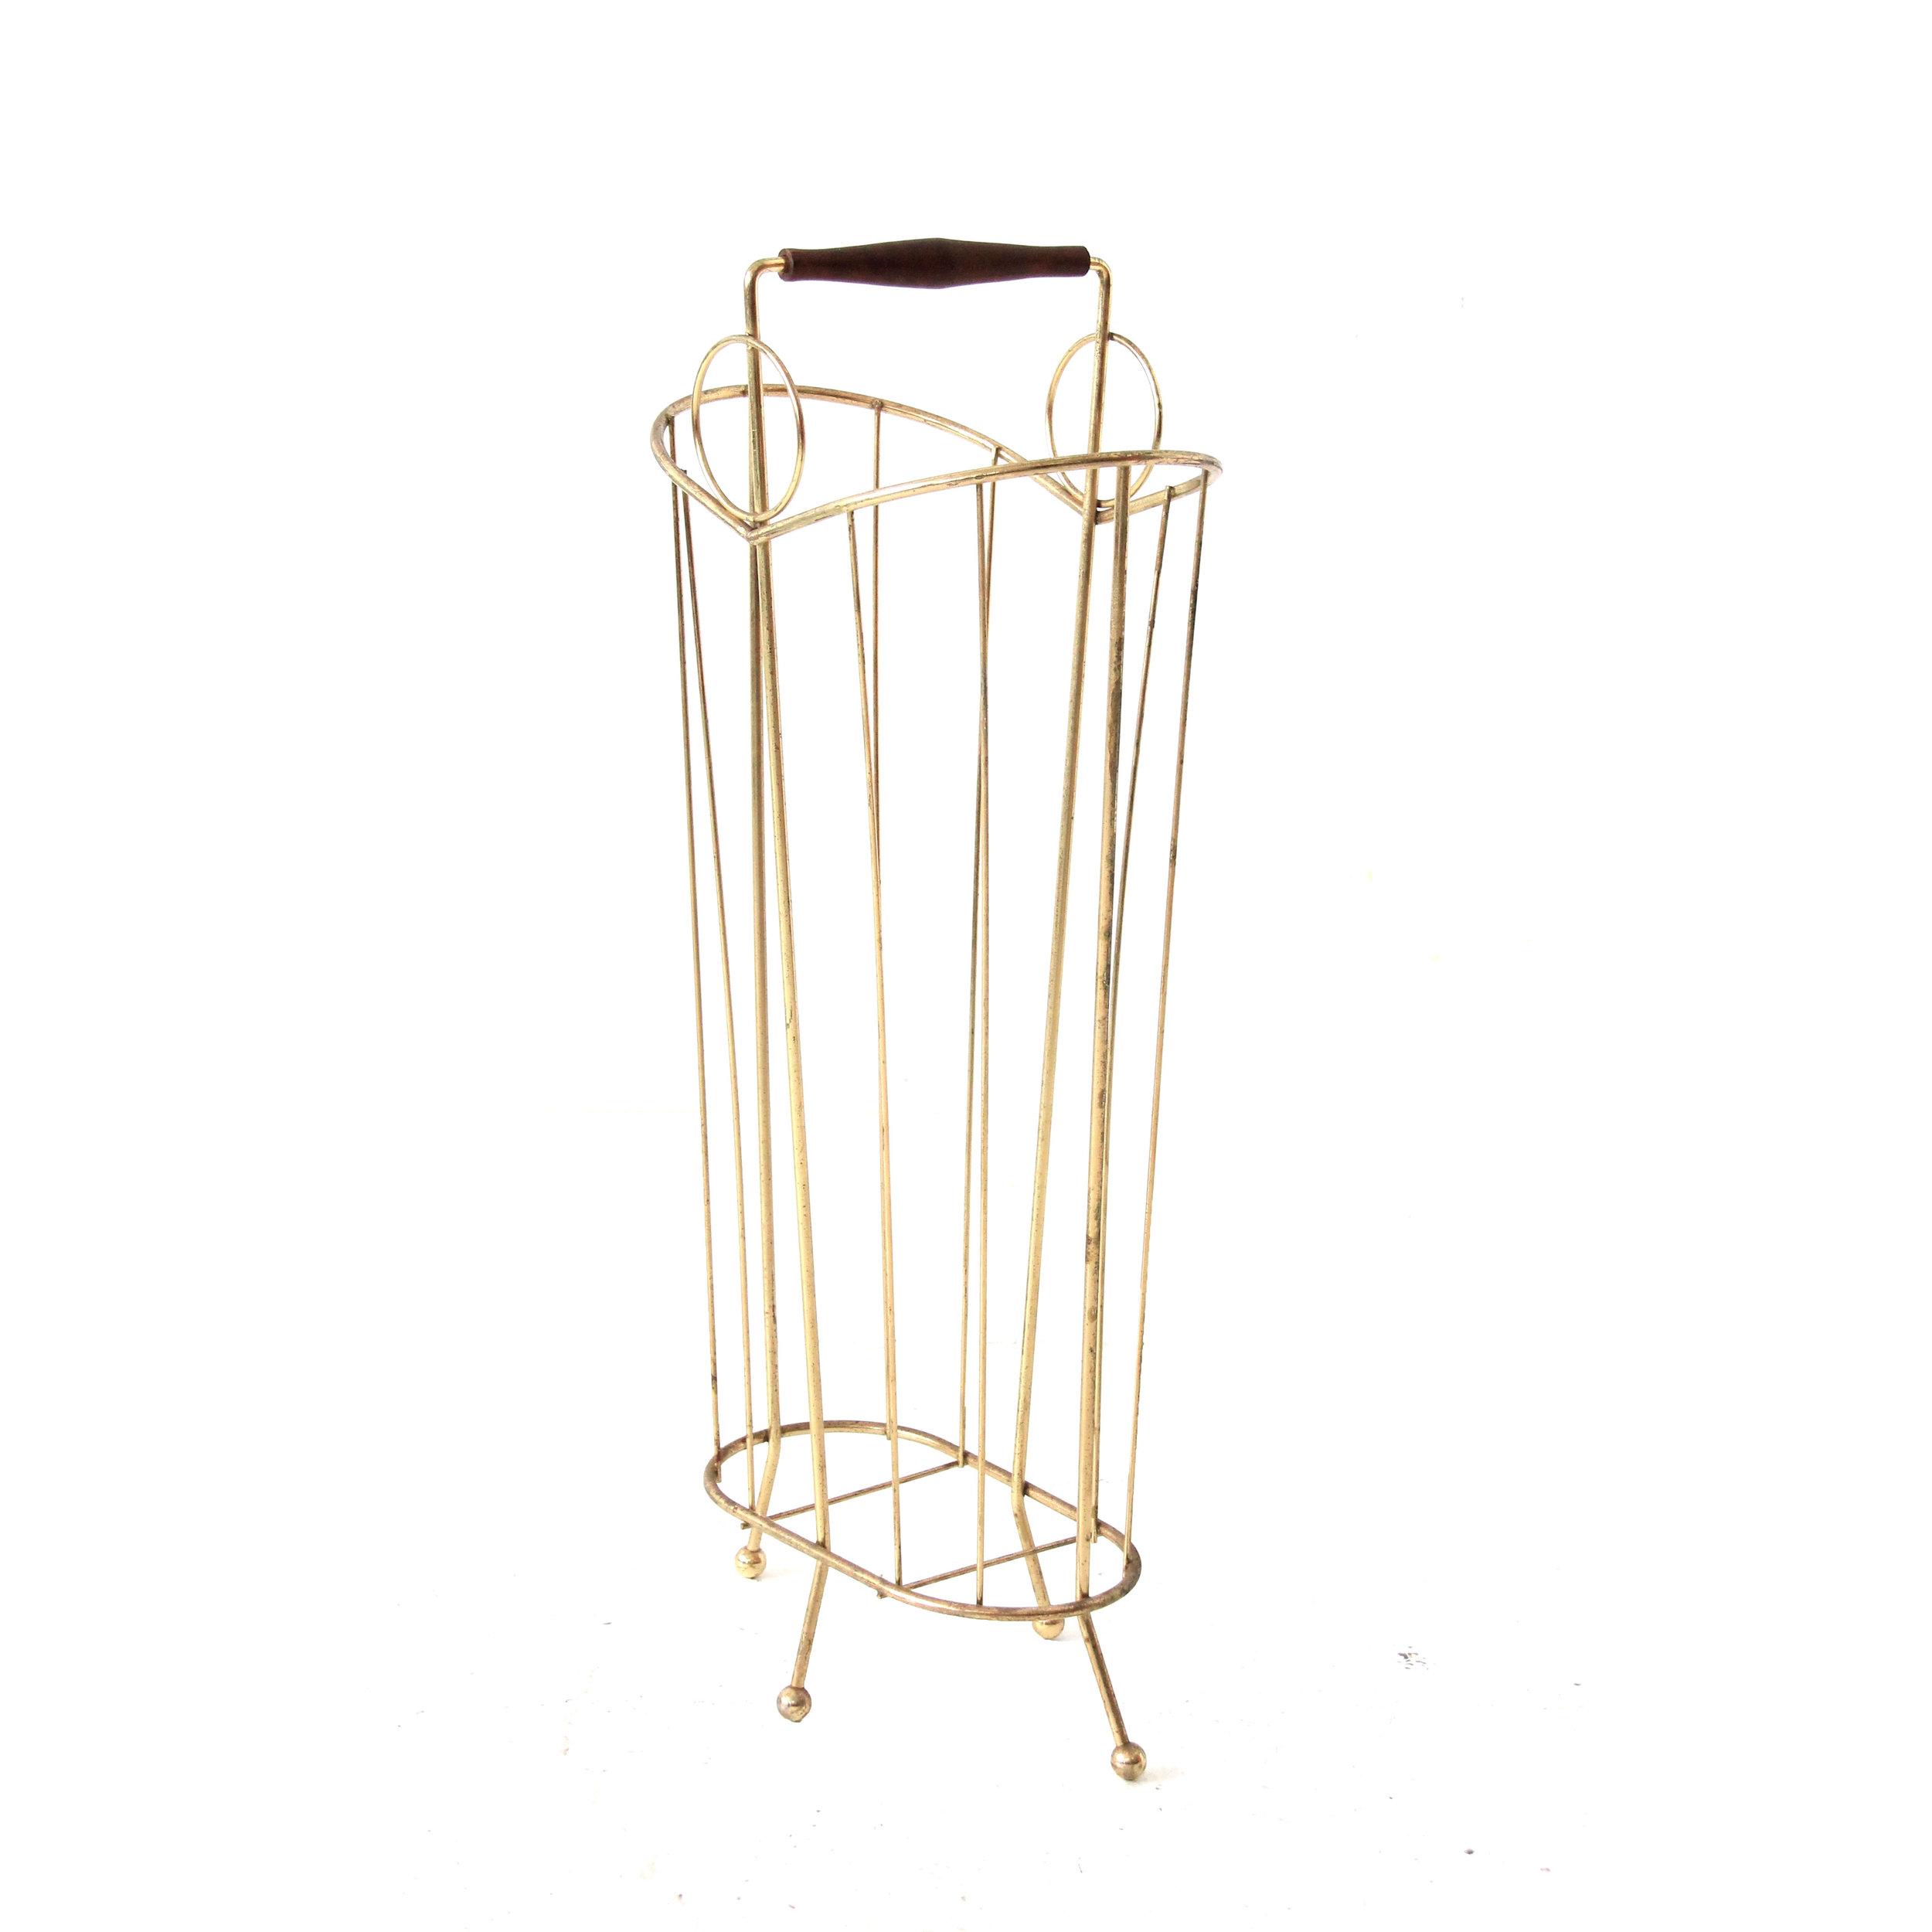 brass mid century modern umbrella stand.jpg